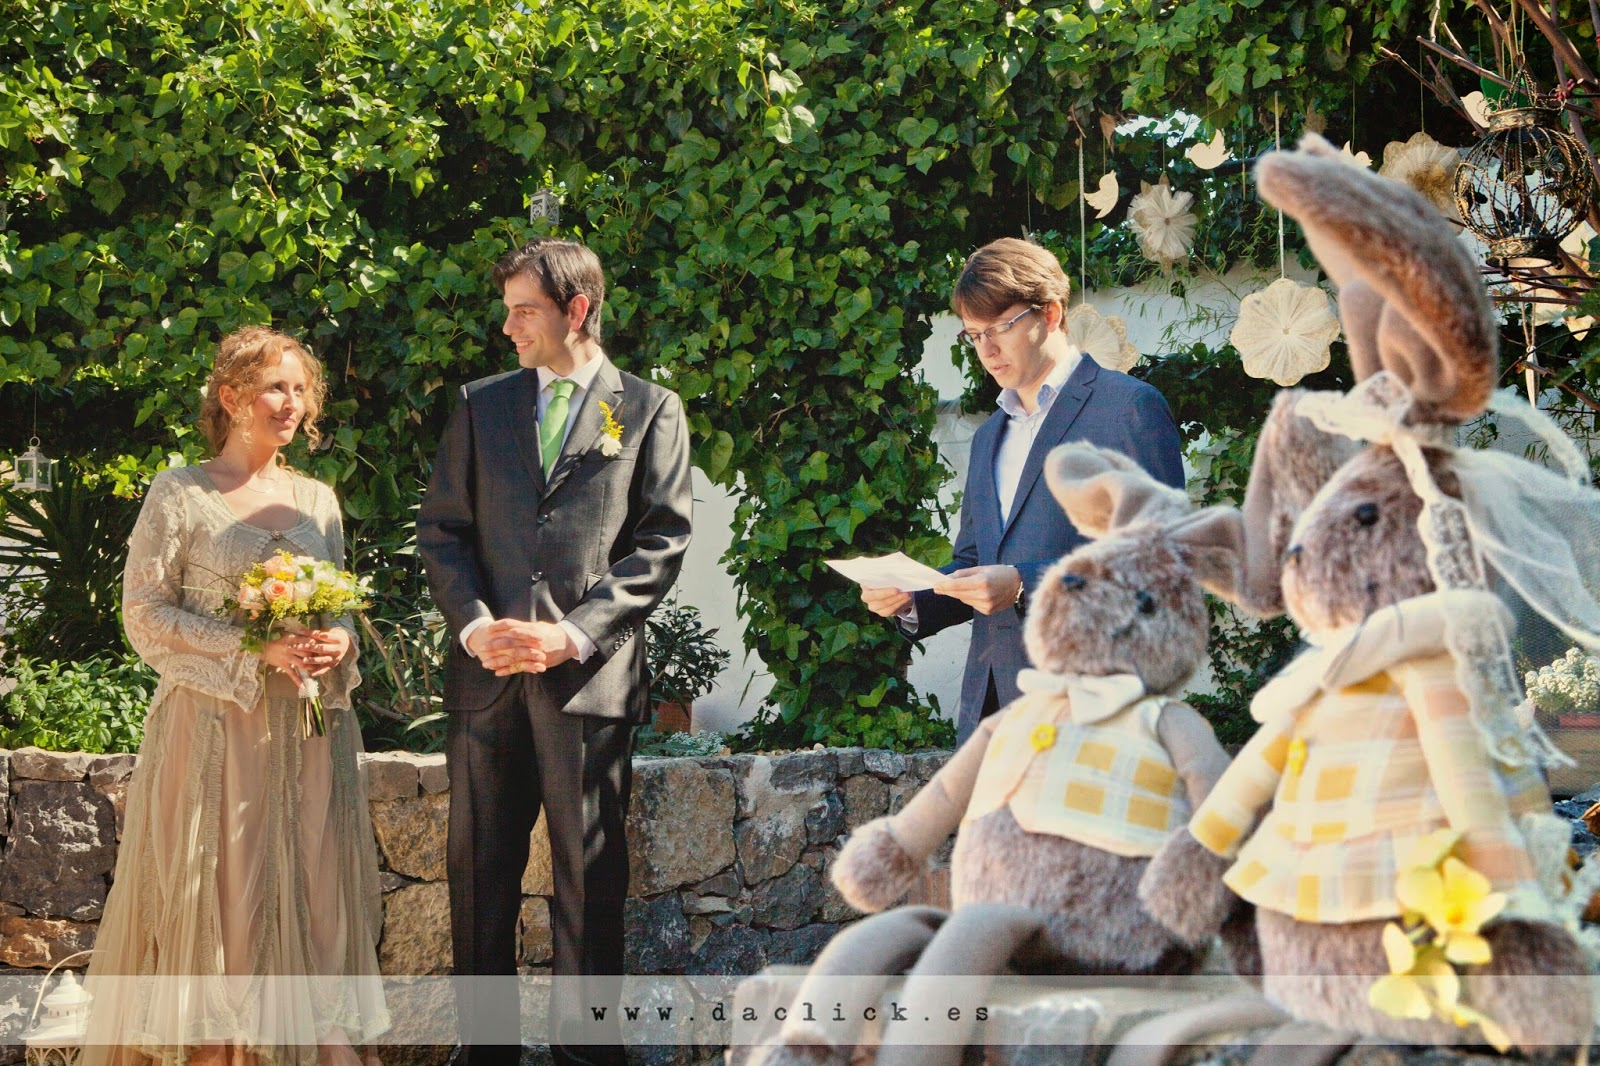 concejal oficiando la ceremonia de casamiento